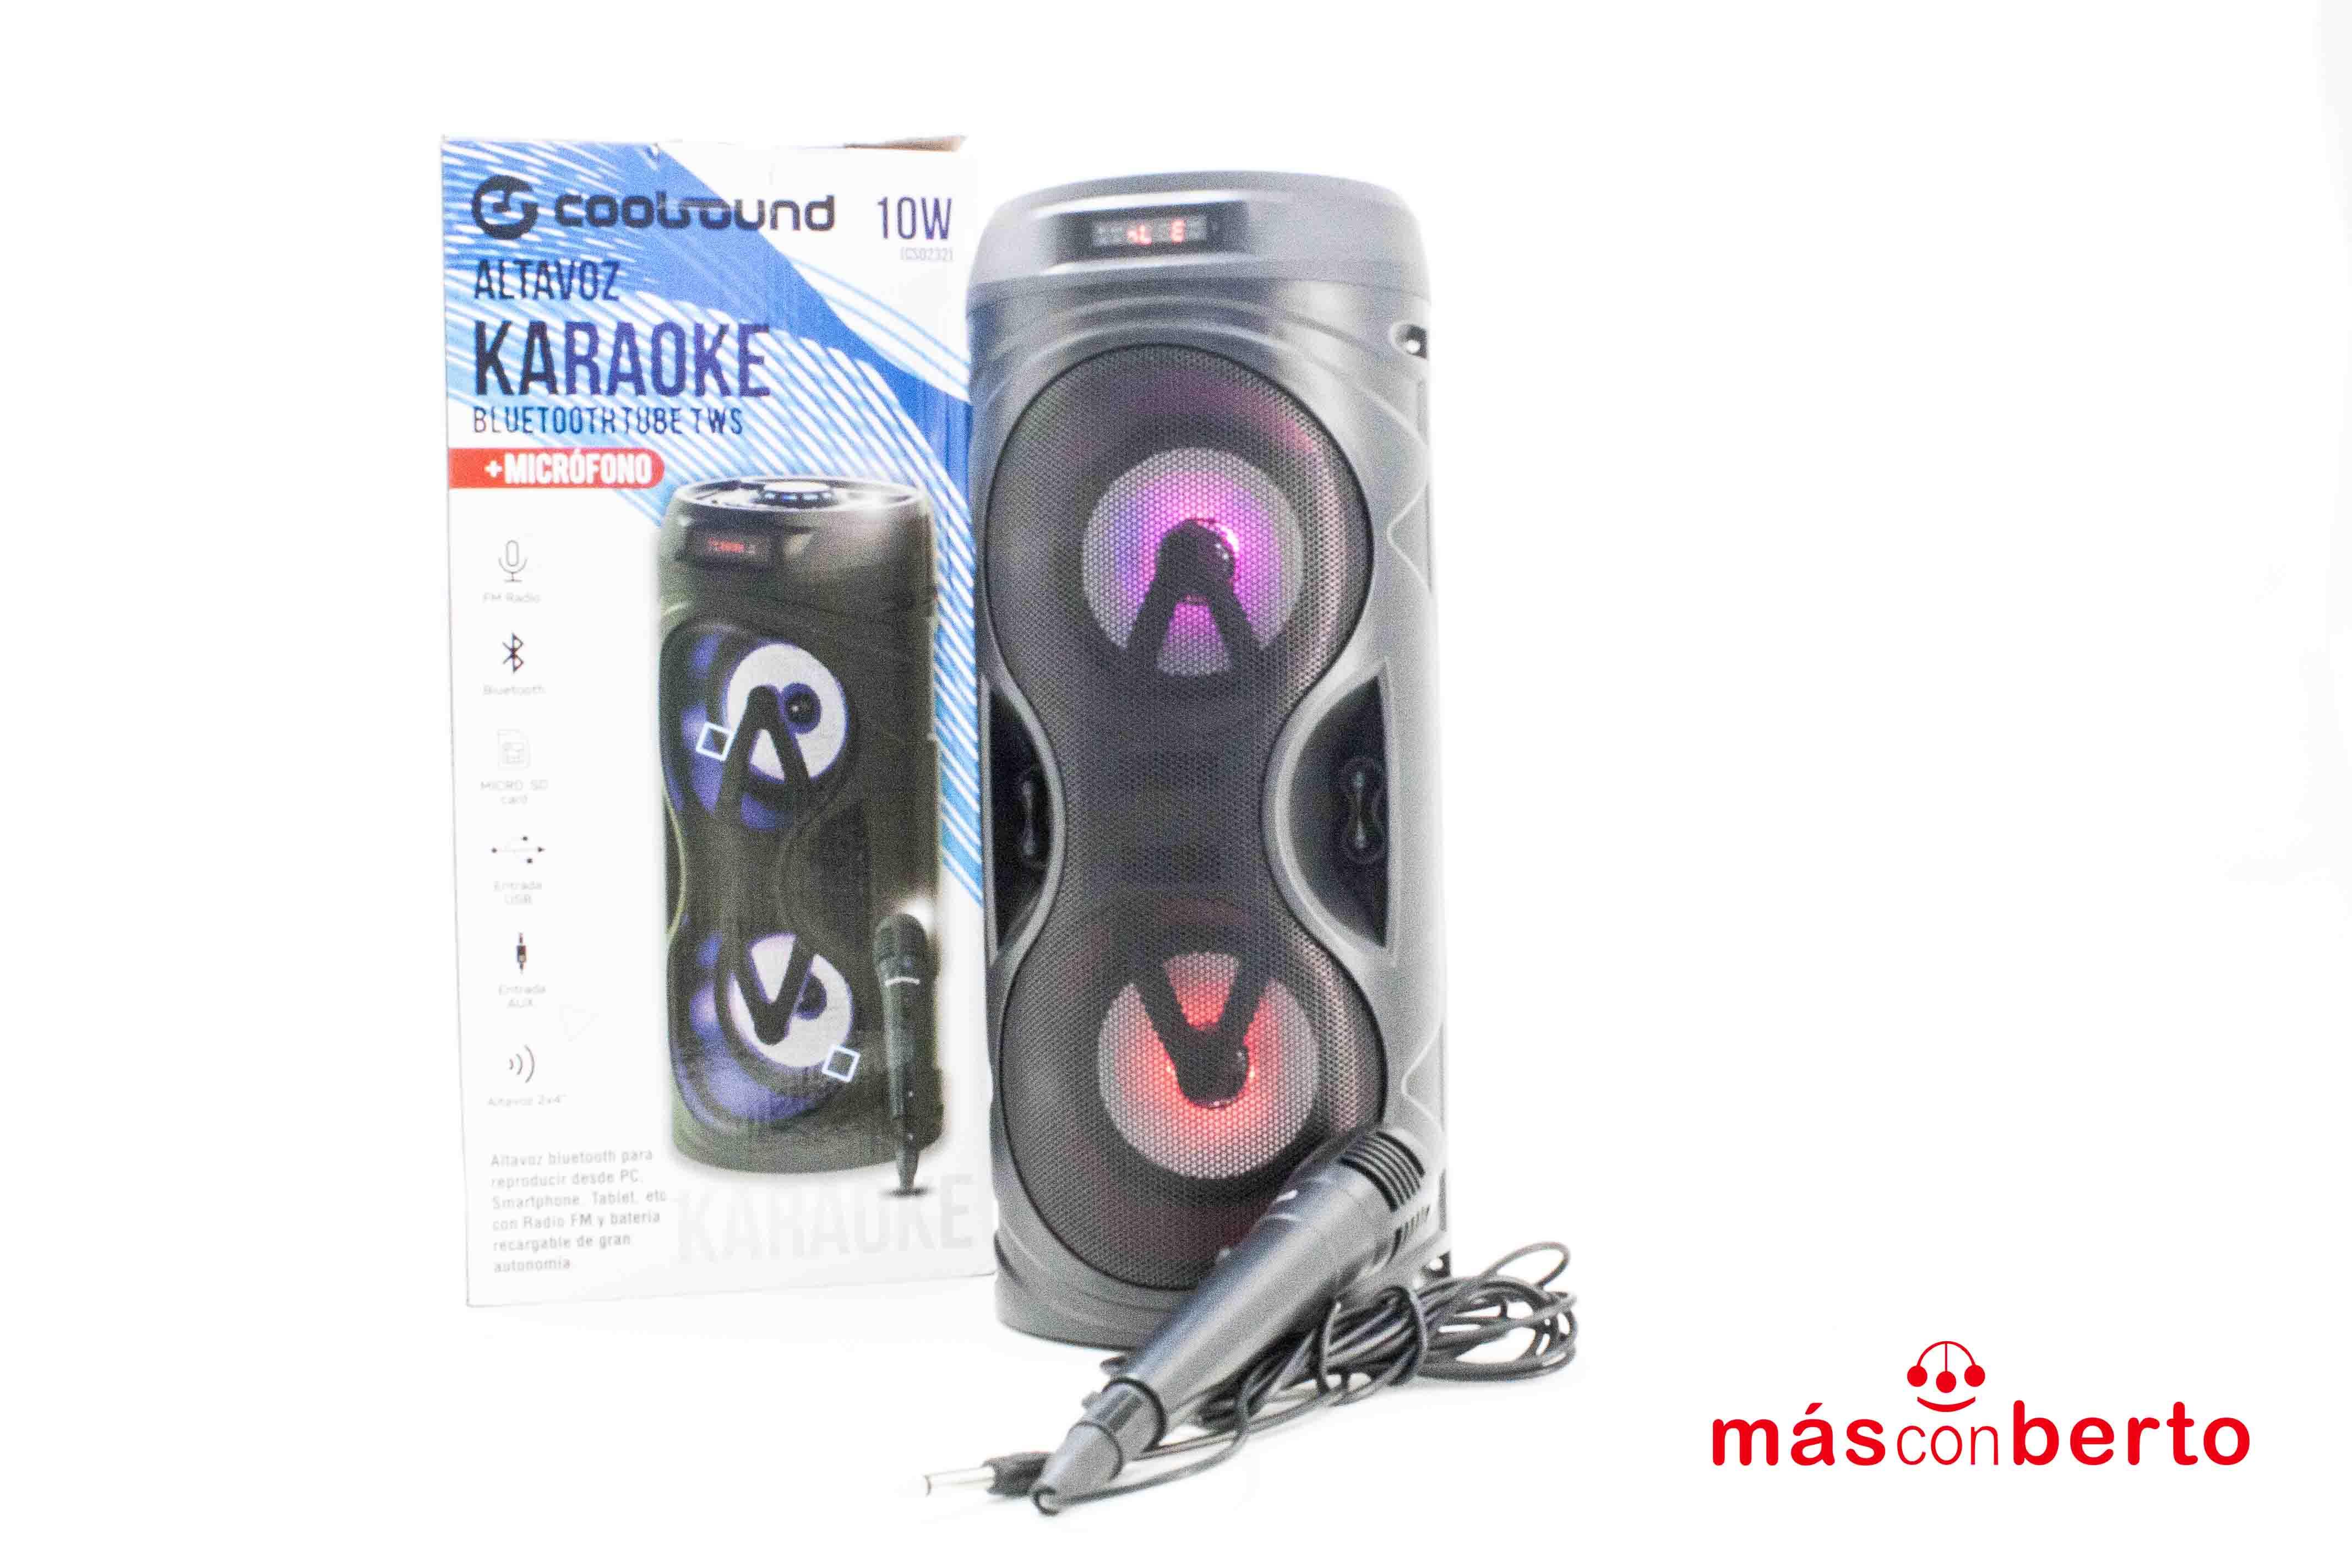 Altavoz Karaoke Coolsound